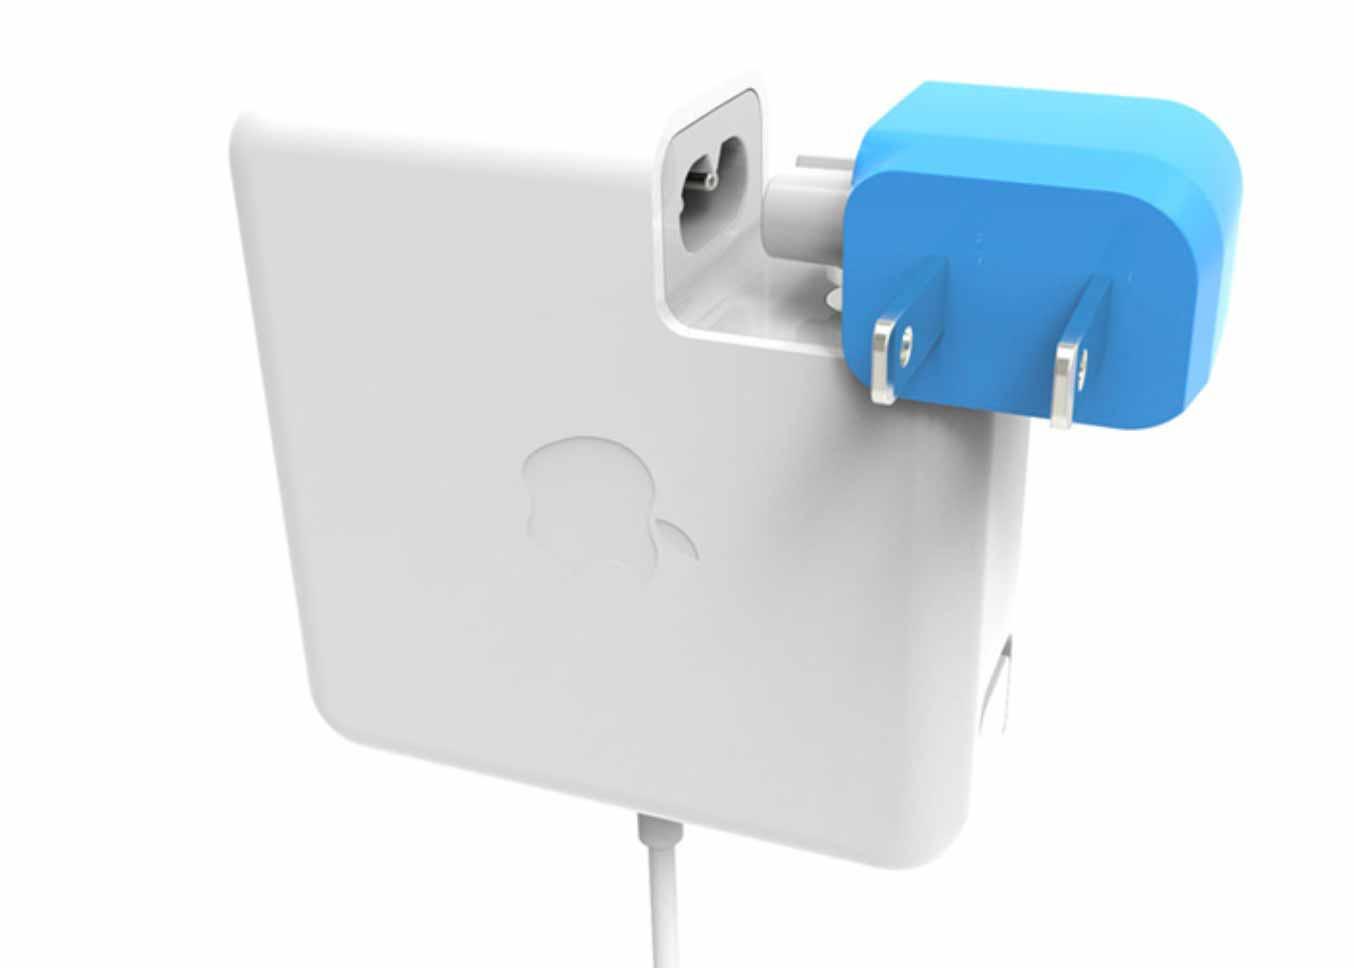 フォーカルポイント、MacBookやiPadの電源アダプタが横向きに挿せる変換プラグ「Ten One Design Blockhead」を発売へ